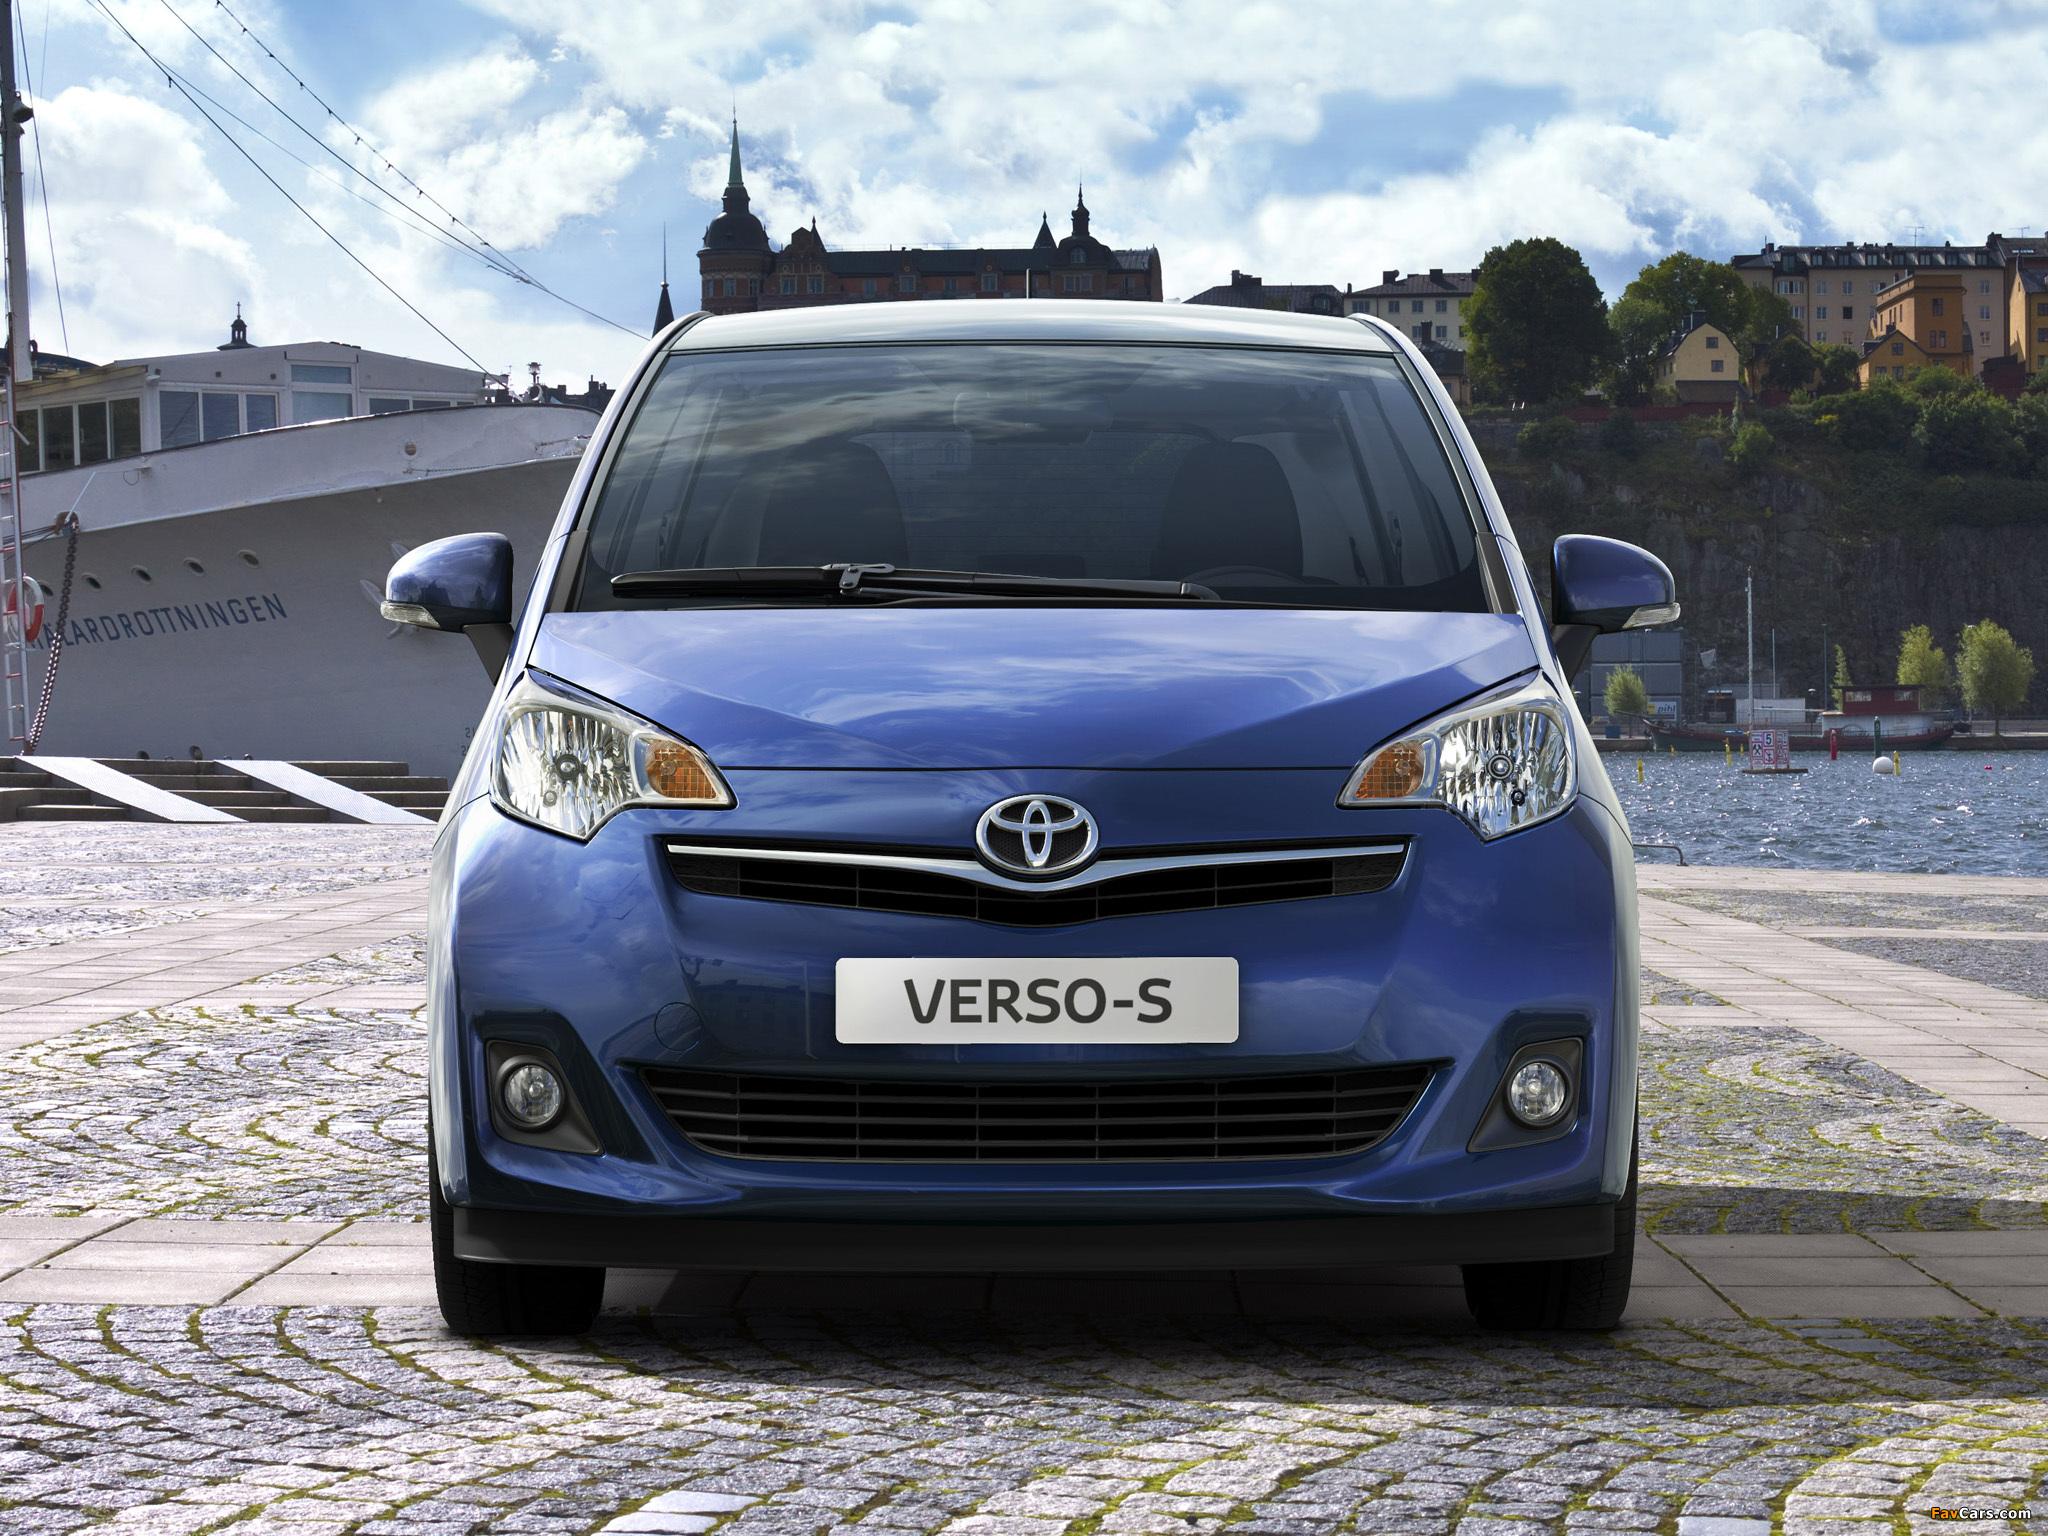 Toyota - Corolla Verso II - 2.0 D-4D (116 Hp) - Технически ...